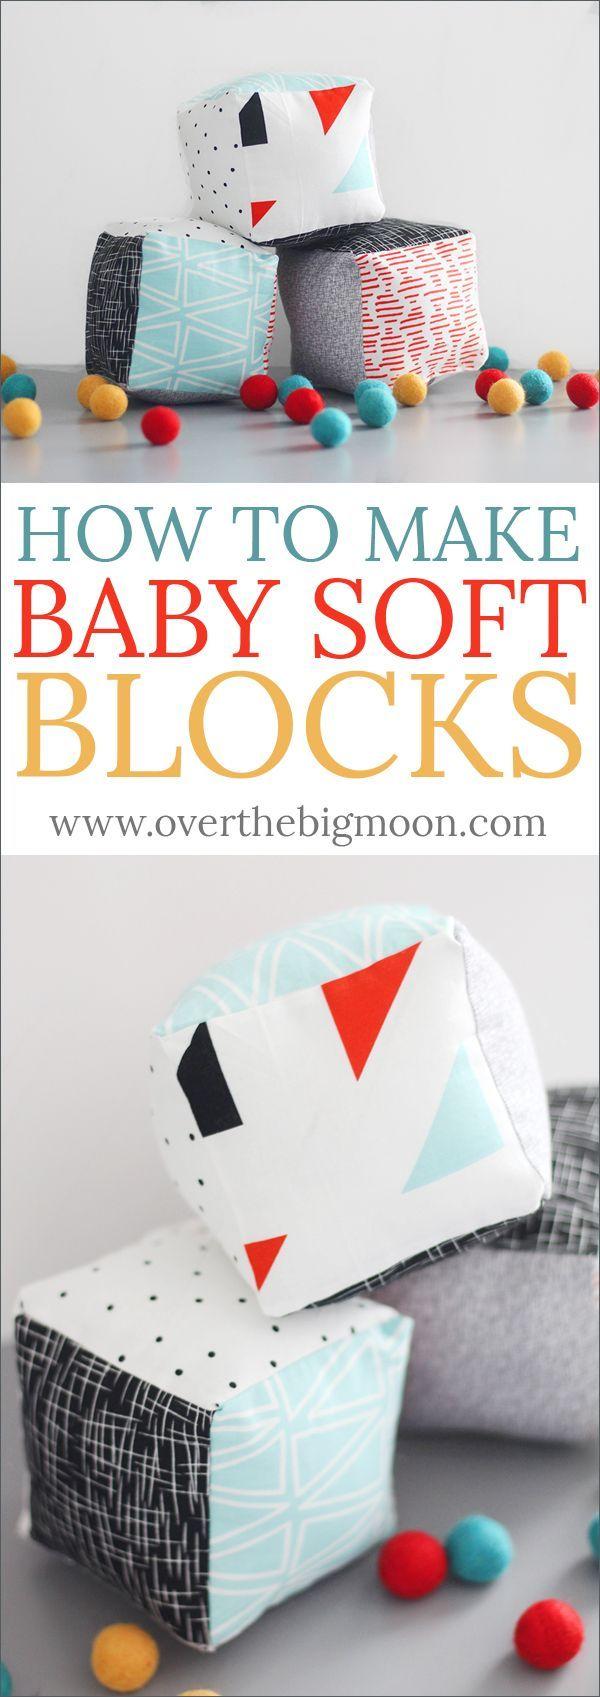 How to Make Baby Soft Blocks 757